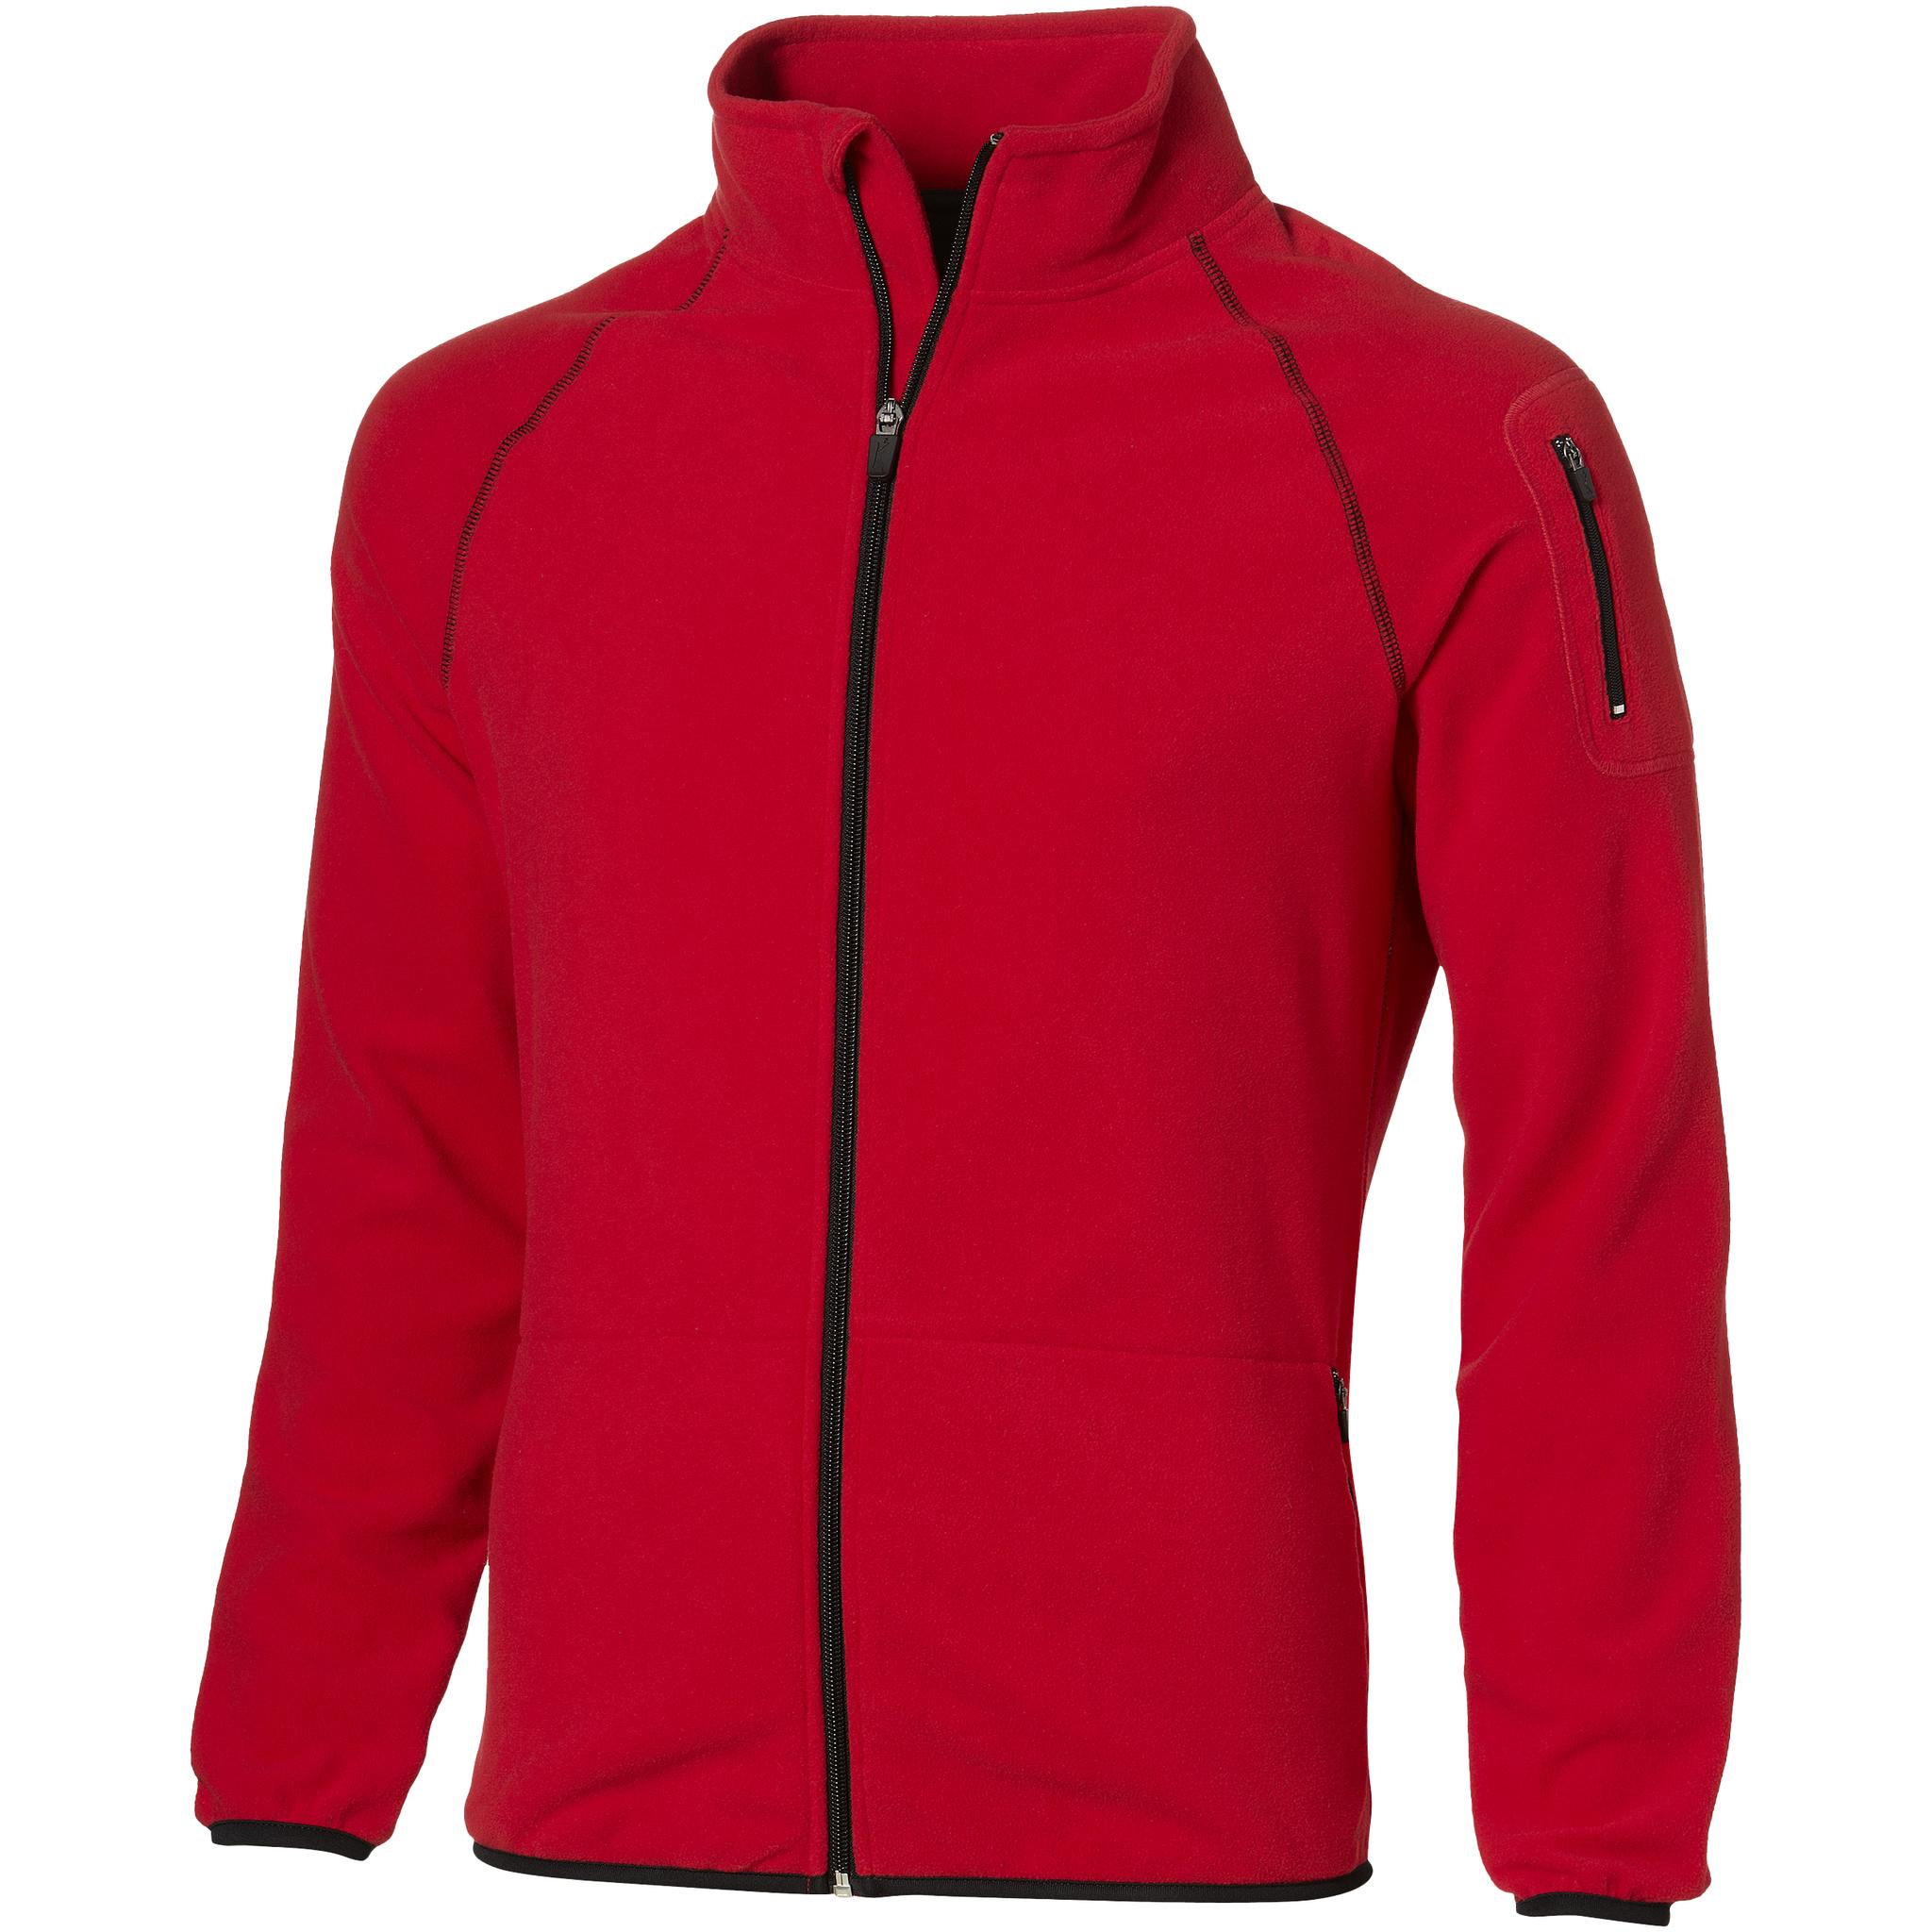 Slazenger Mens Drop Shot Full Zip Micro Fleece Jacket (XXXL) (Red)